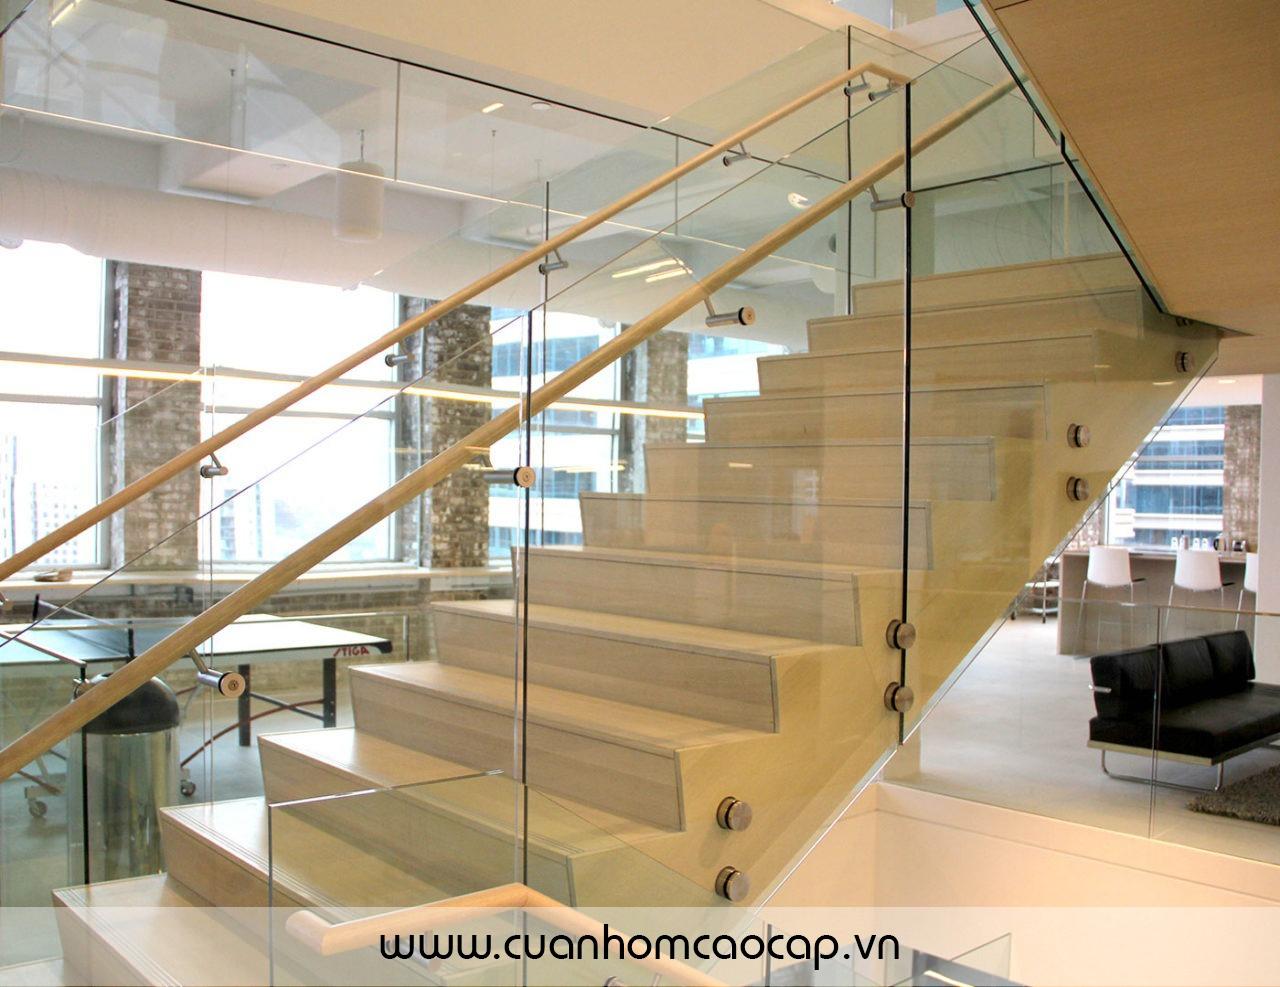 Cầu thang kính dùng ốc inox liên kết tấm kính vào cầu thang cùng với tay vịn sắt phi 42 sơn tĩnh điện